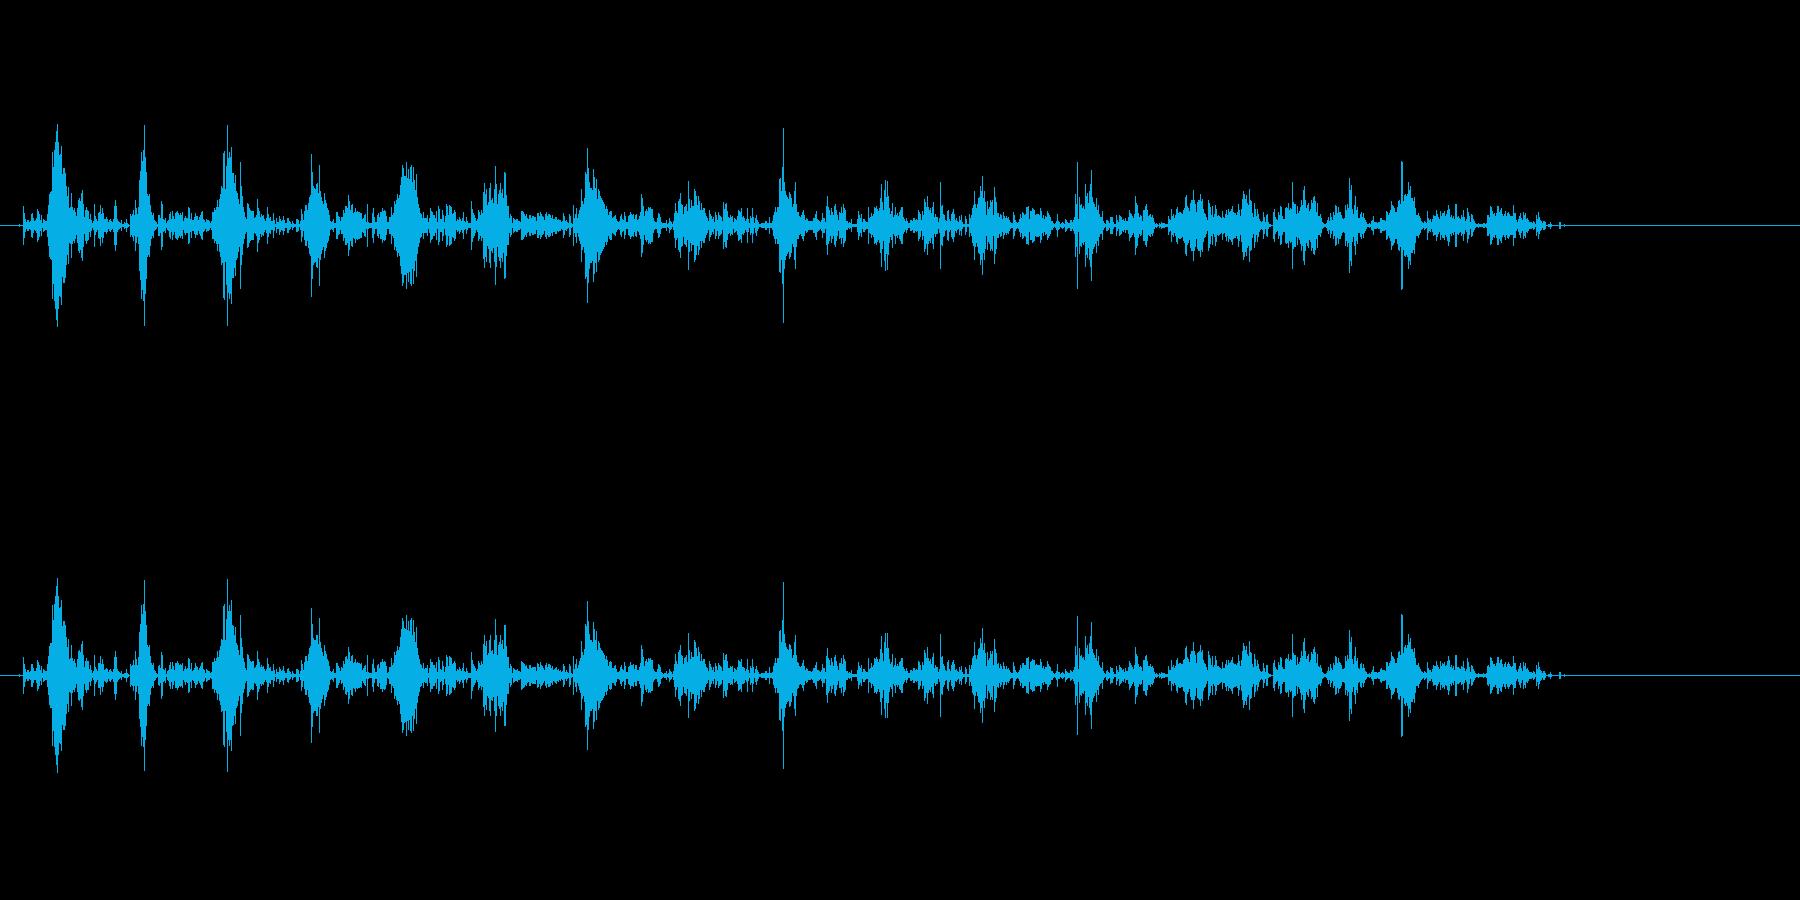 小チェーンムーブメントの再生済みの波形